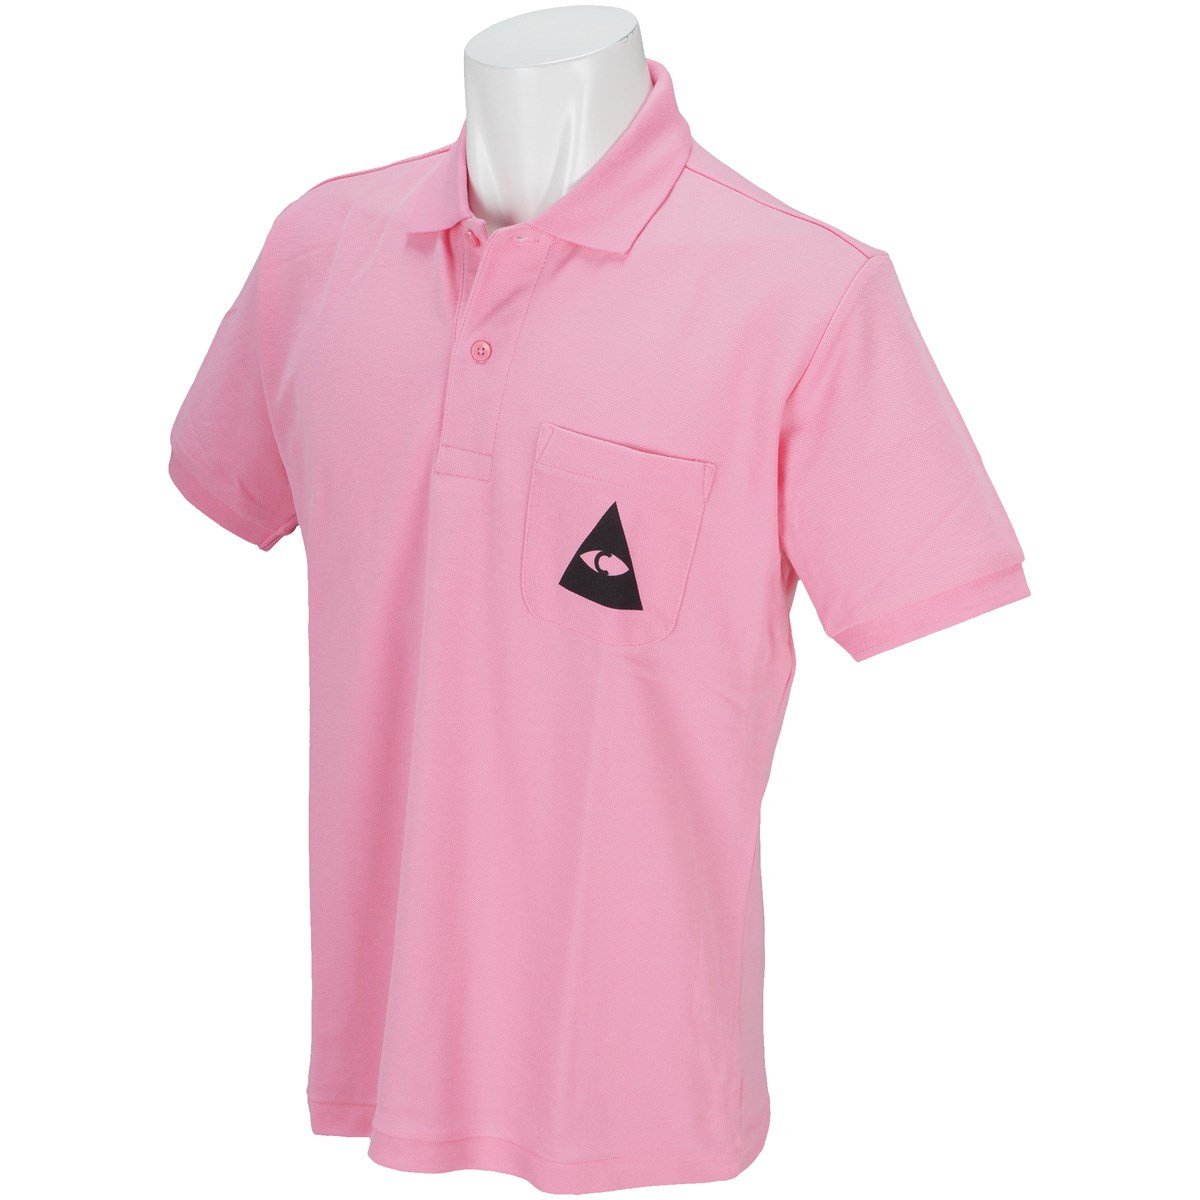 キャプテンズヘルム CAPTAINS HELM TRIANGLE 半袖ポロシャツ XL ピンク